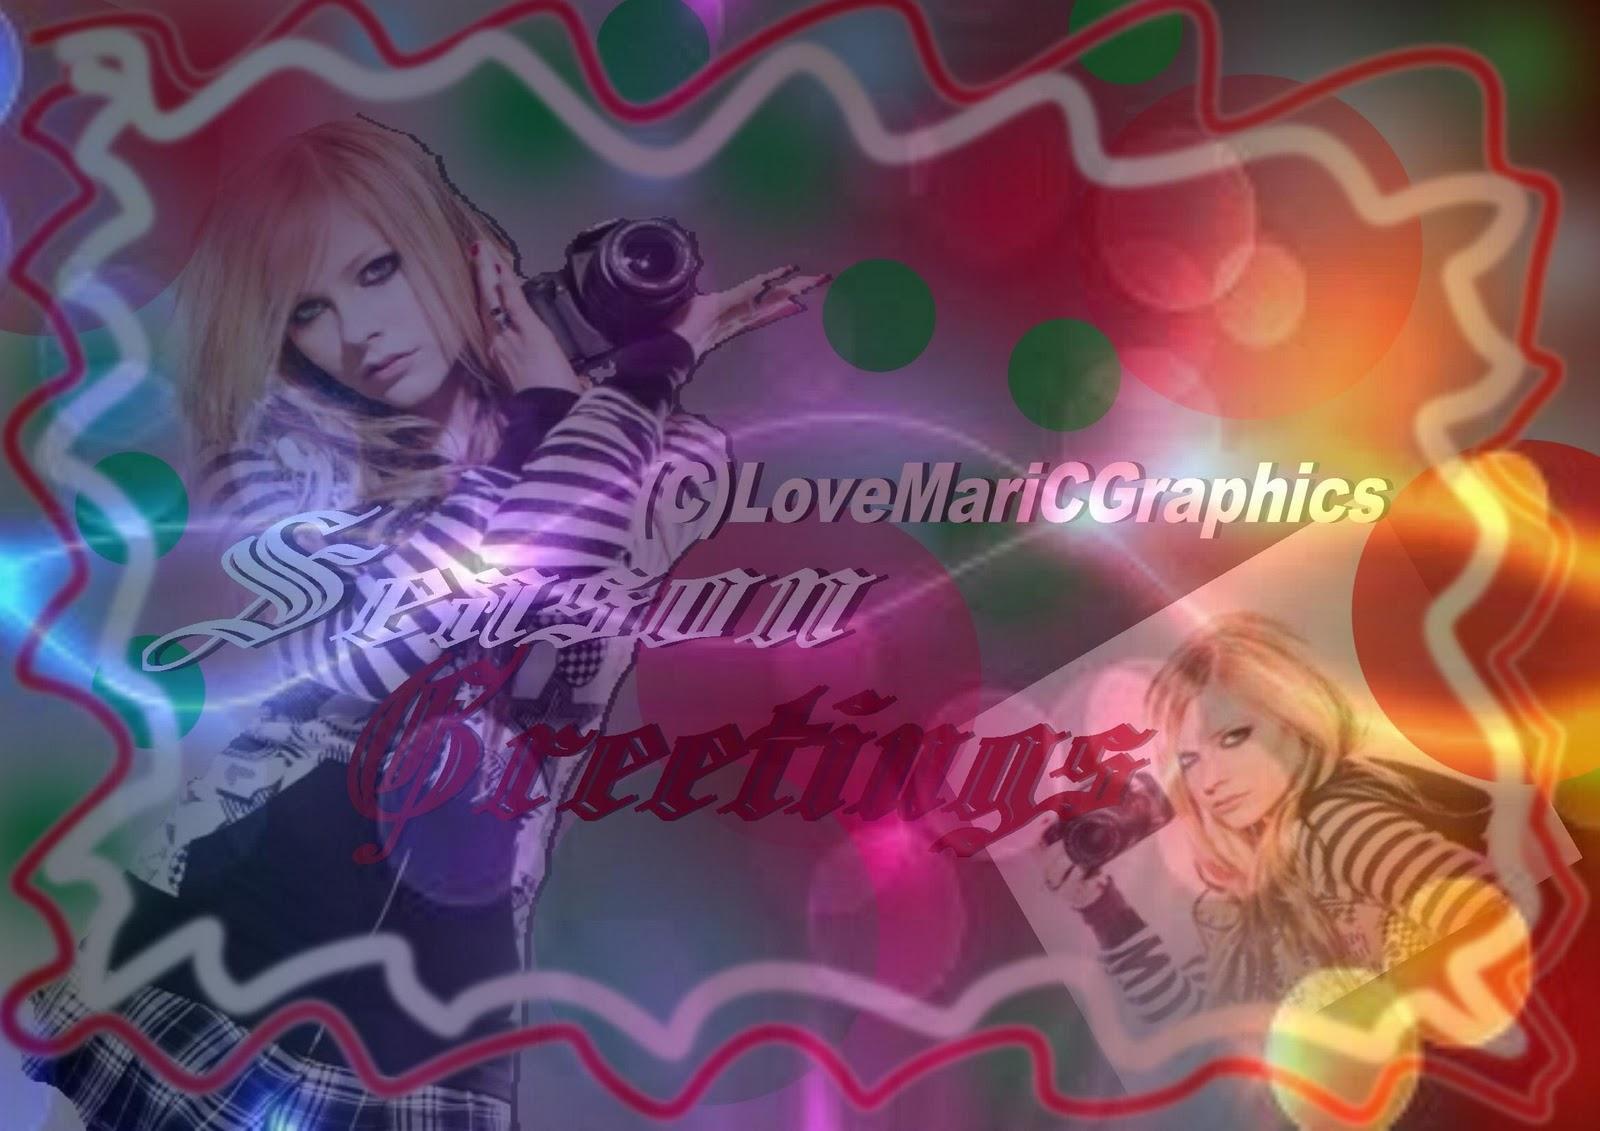 http://3.bp.blogspot.com/-MY8YvkQjSEg/Ttz1q4UePzI/AAAAAAAACTc/D6_kYQIIpUg/s1600/ALGraphics.jpg